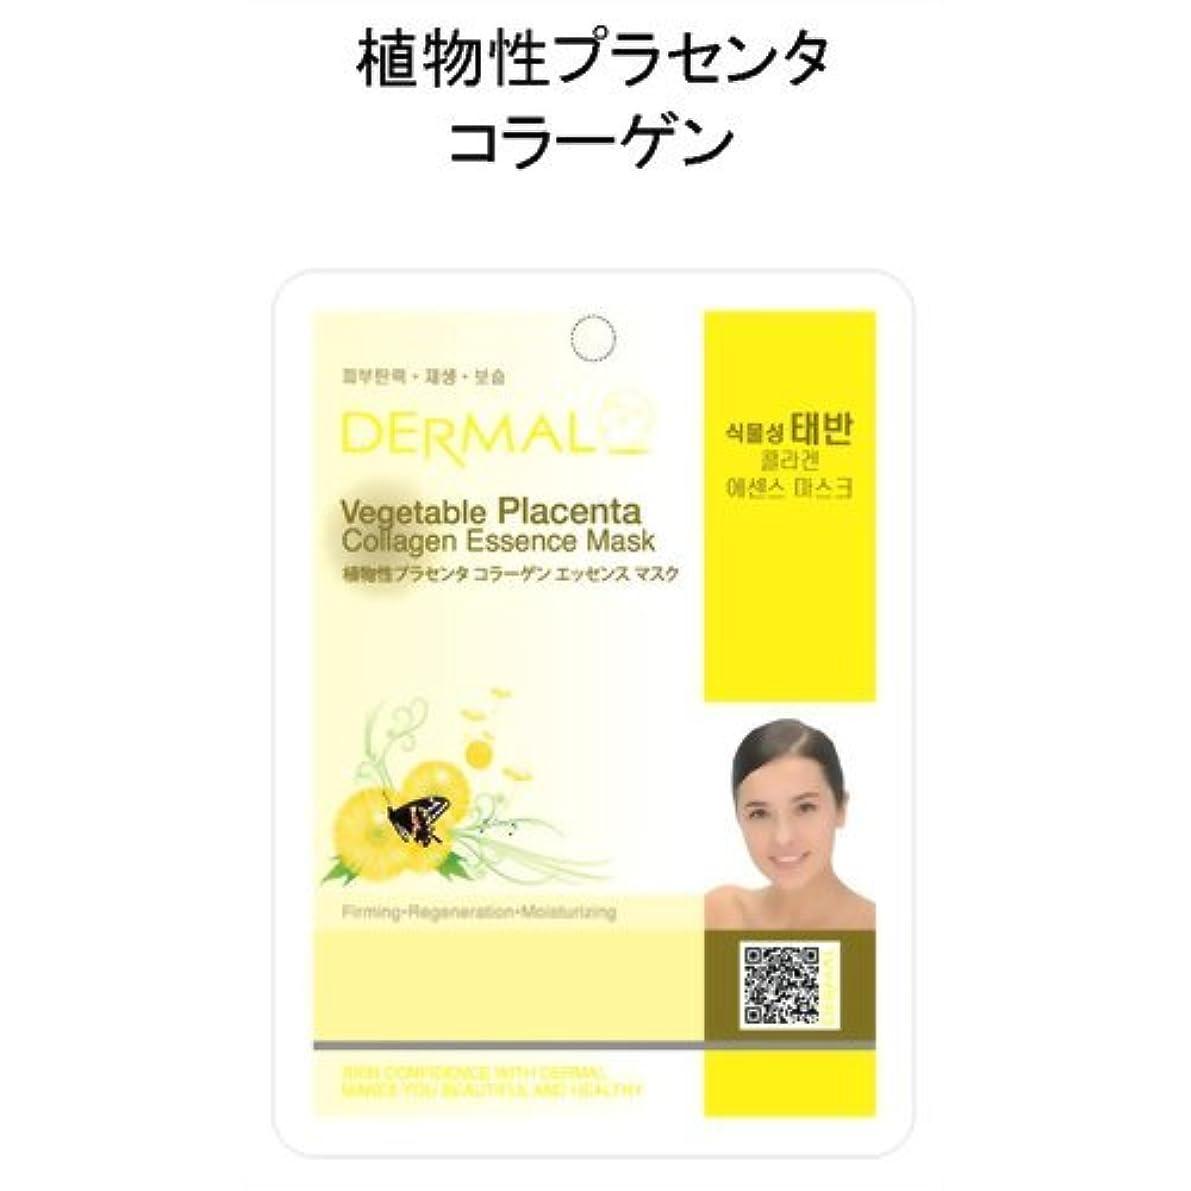 寛大なサイト無駄に新DERMAL ダーマル シートマスク 植物プラセンタコラーゲン 人気韓国パック